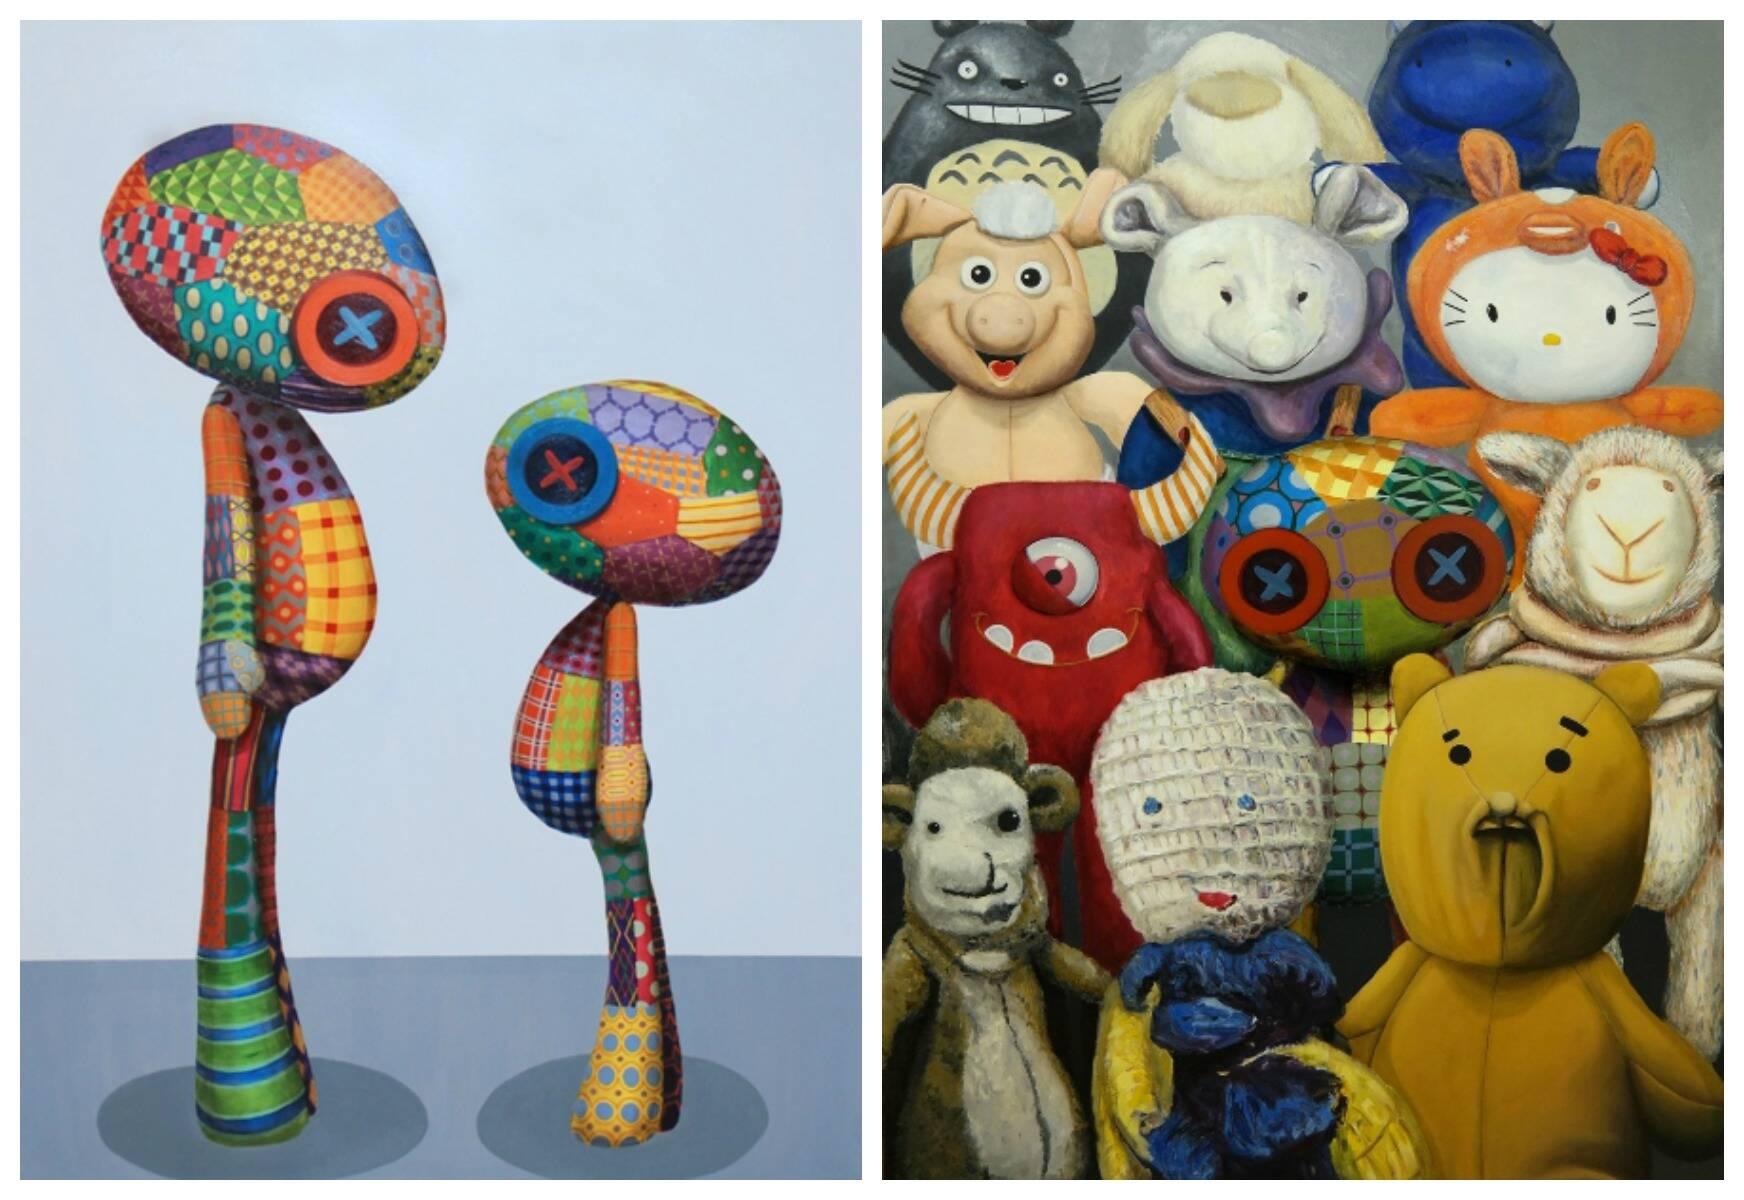 Bonecos da exposição inédita de Tinho, que também vai apresentar telas/ Fotos: divulgação